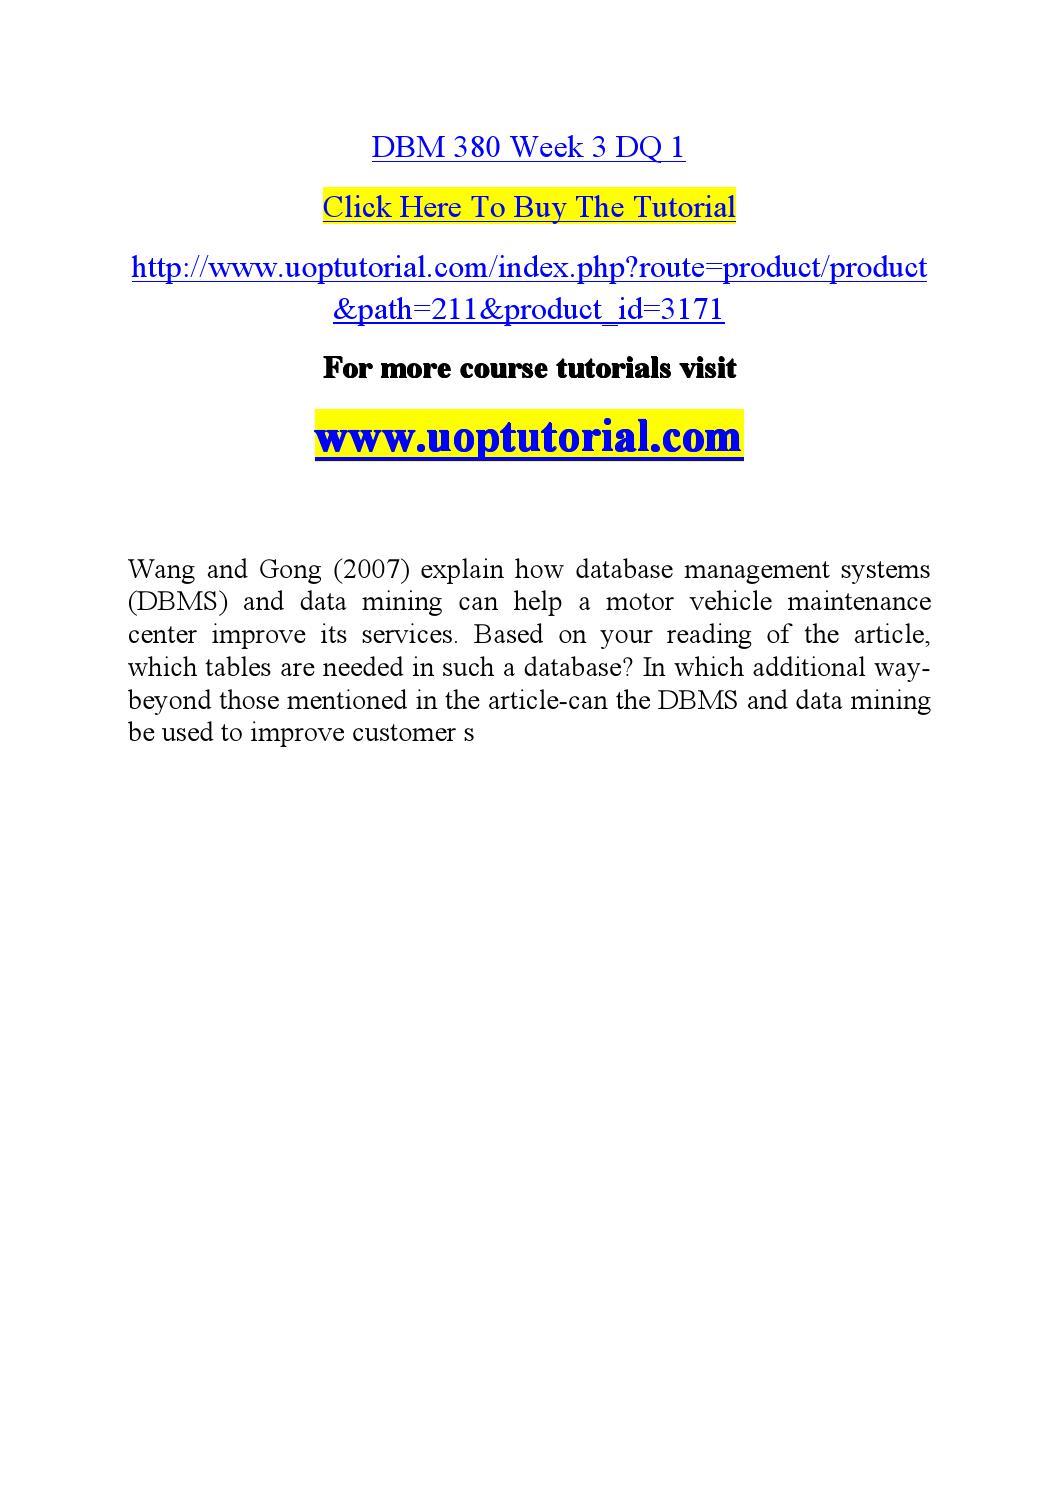 how do i set up a vehicle maintenance database?